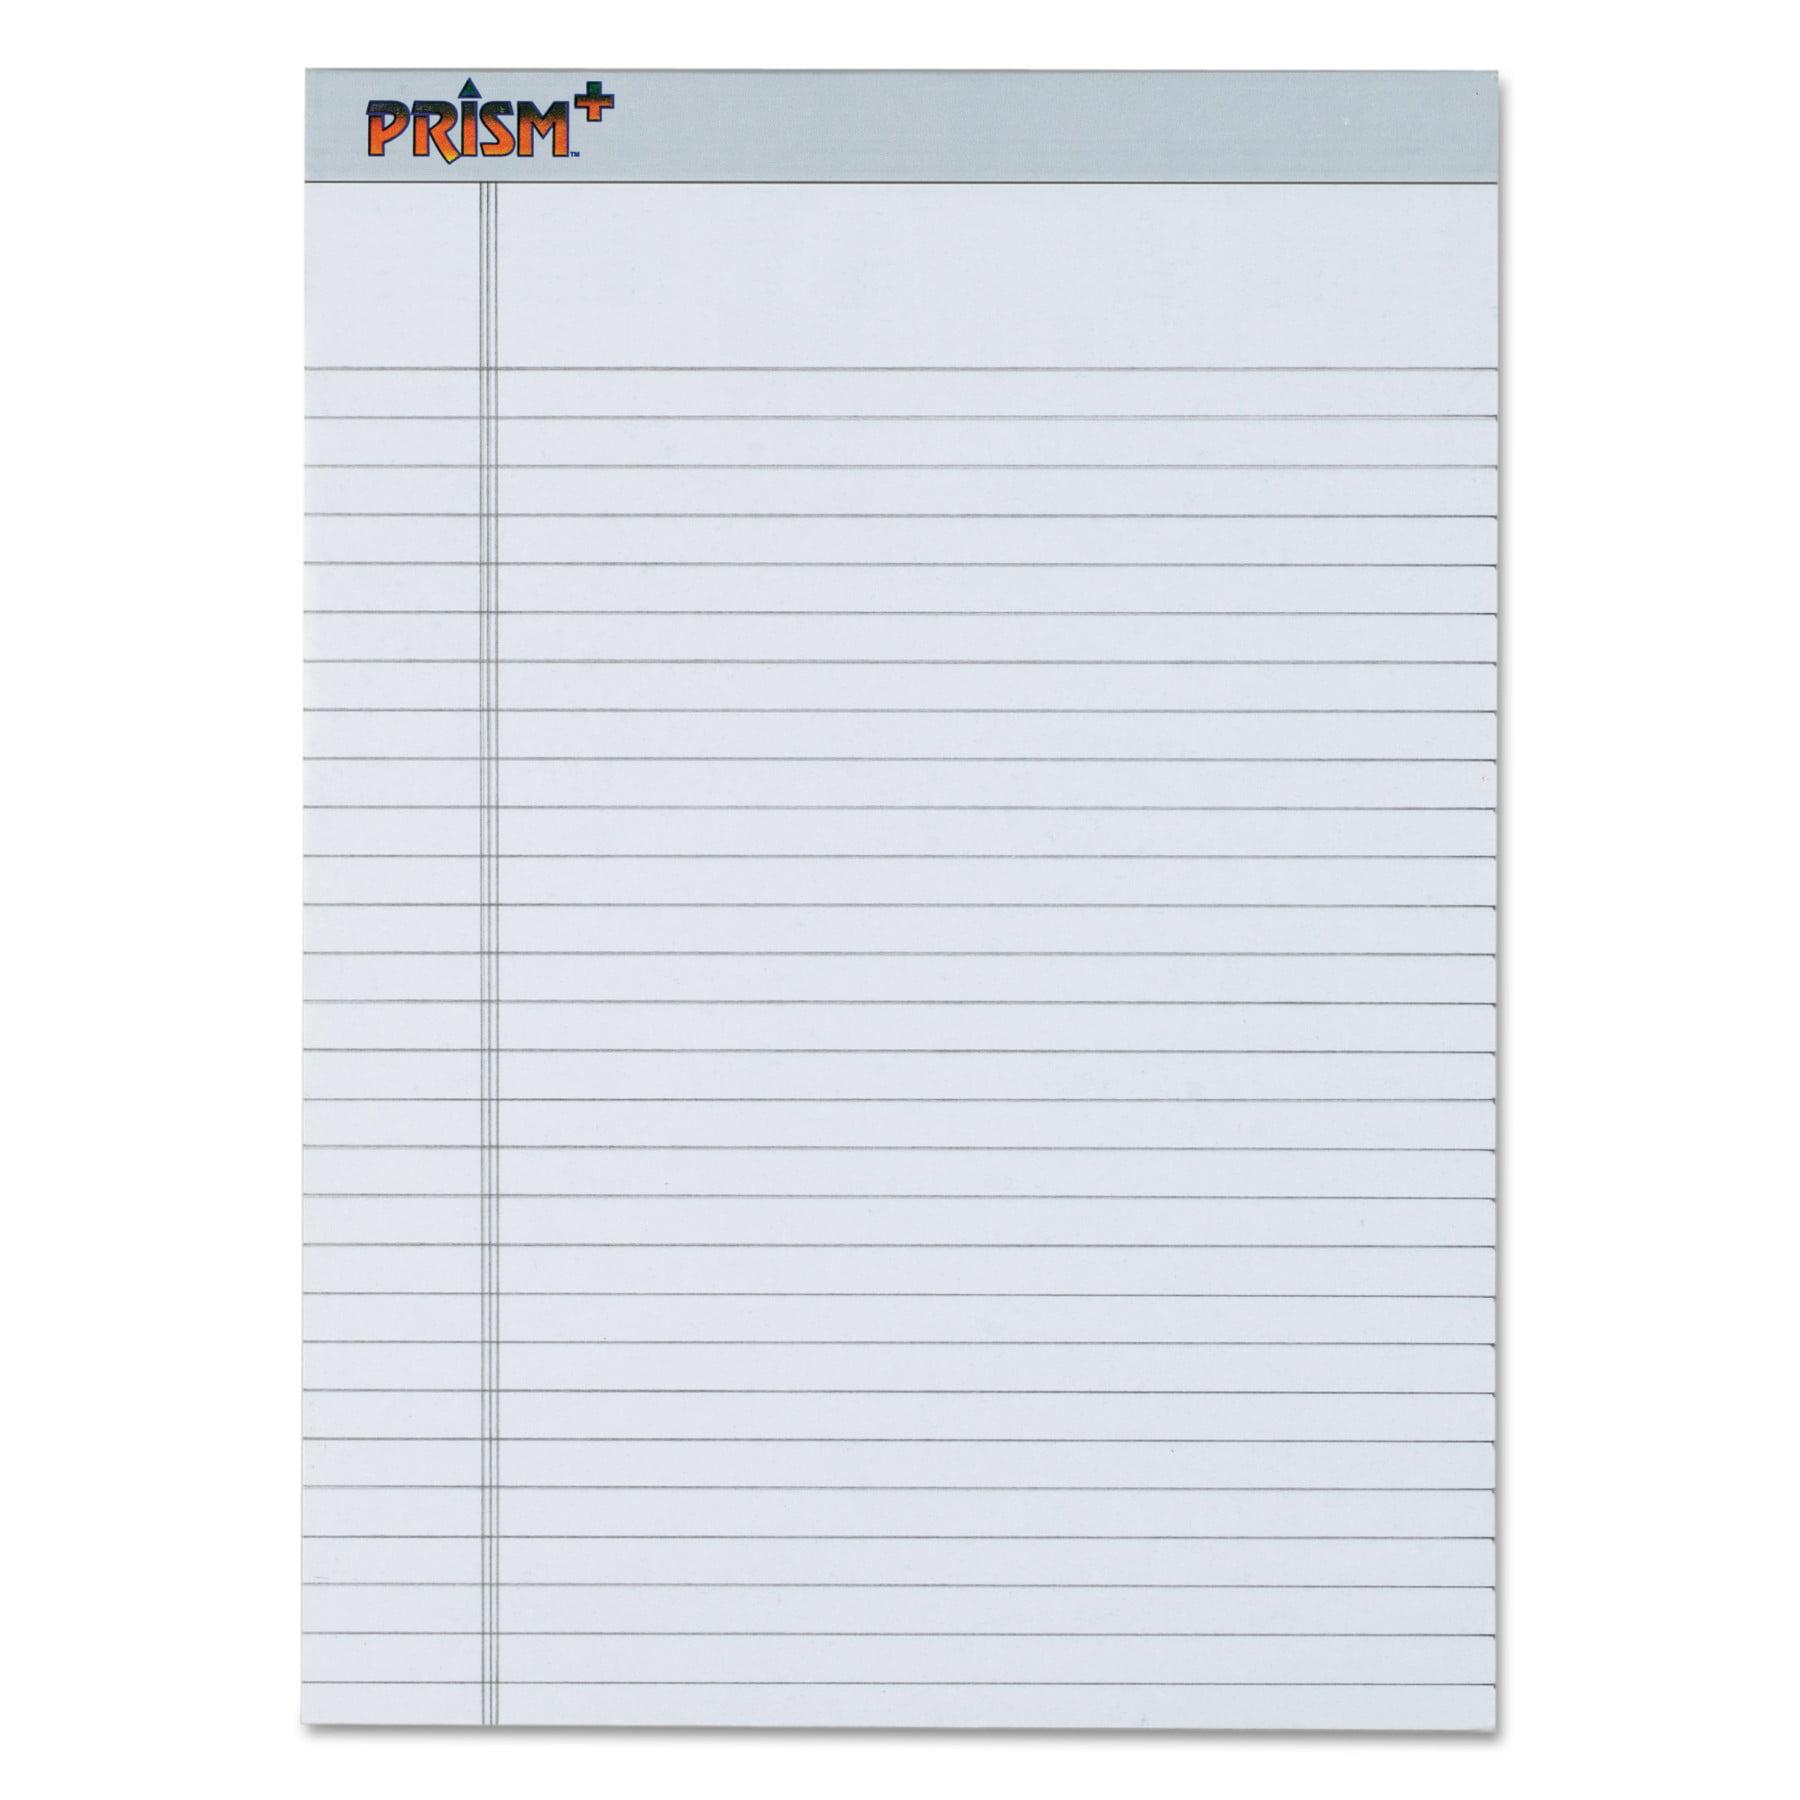 TOPS Prism Plus Colored Legal Pads, 8 1/2 x 11 3/4, Blue, 50 Sheets, Dozen